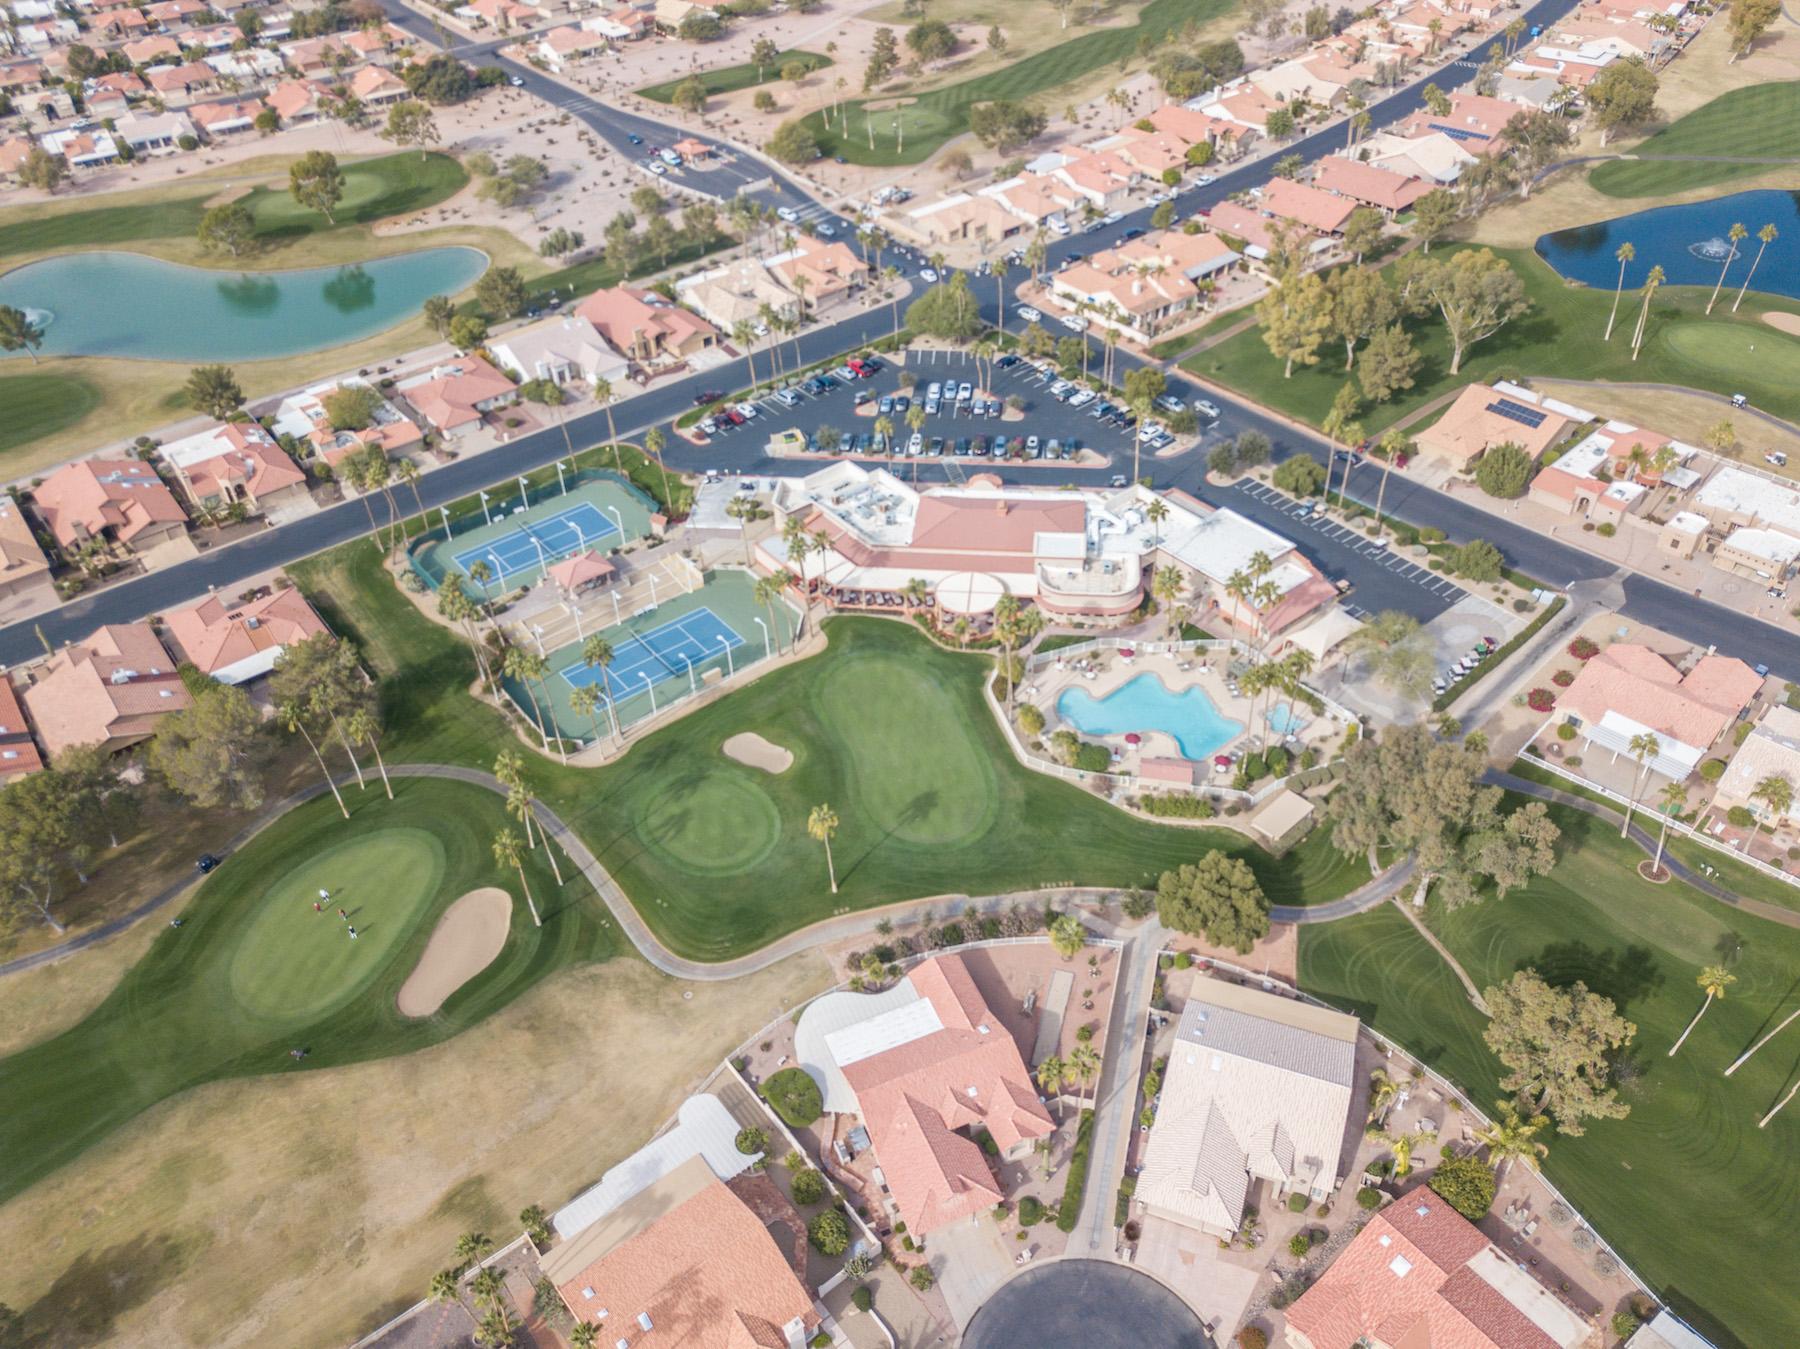 1 Palo Verde Aerial